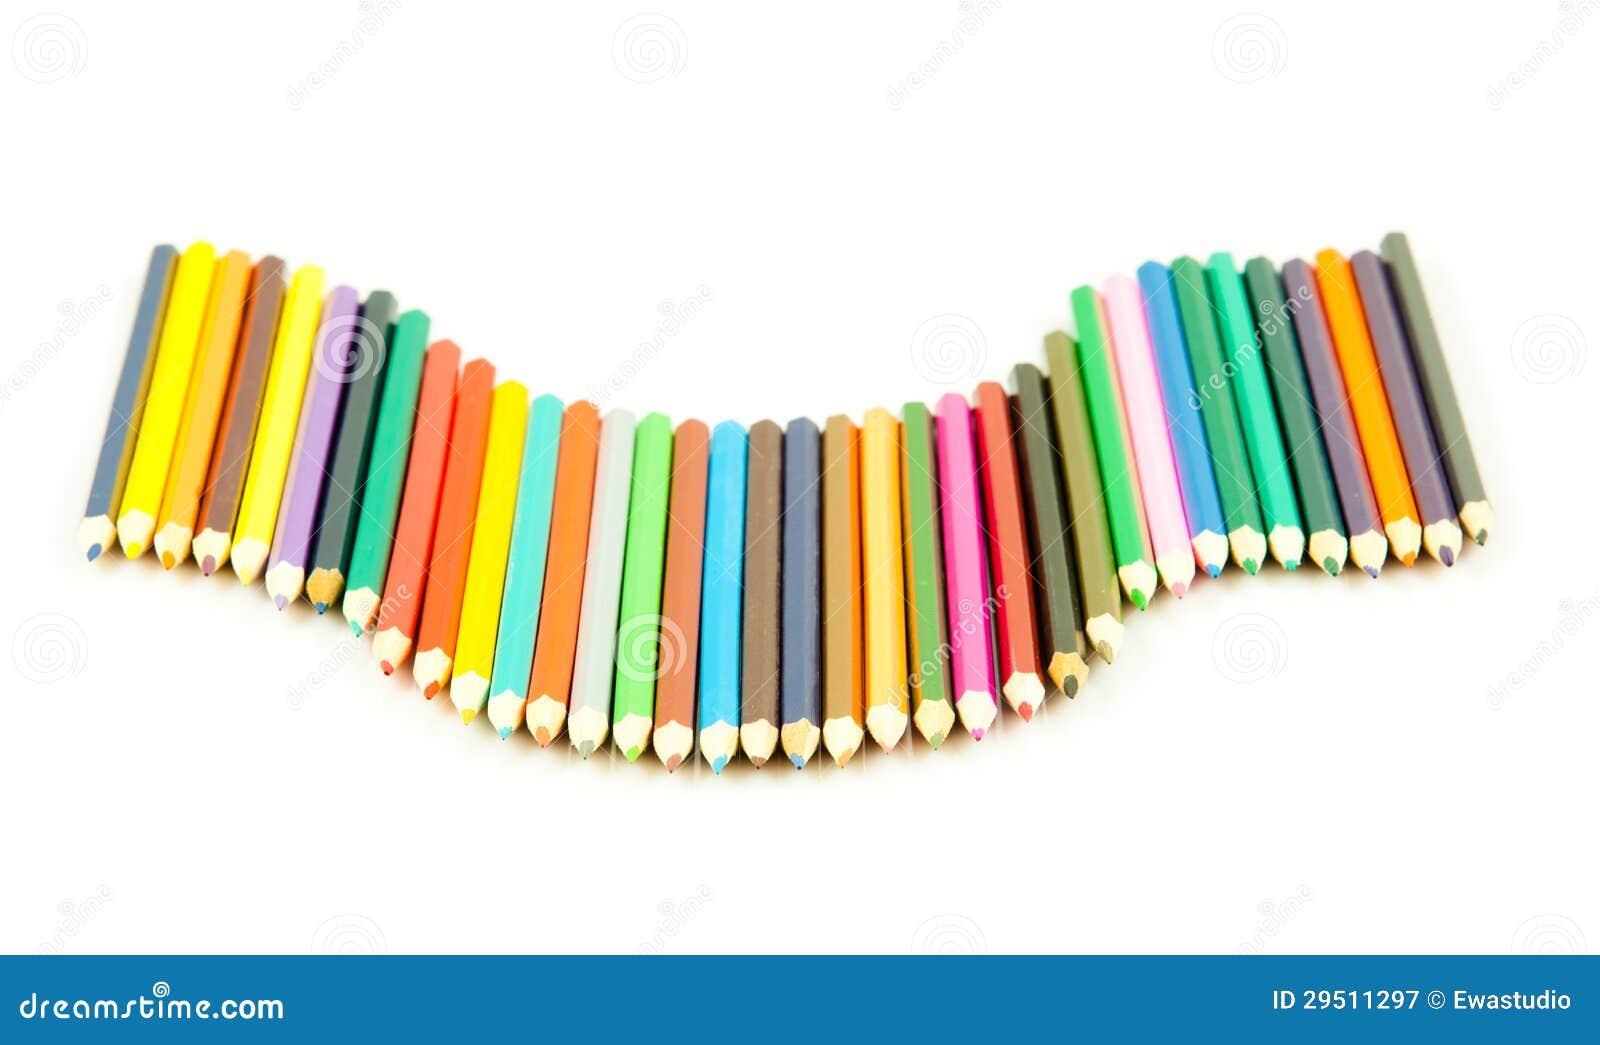 De potloden van de kleur op witte achtergrond worden geïsoleerdl die. Velen verschillend col.